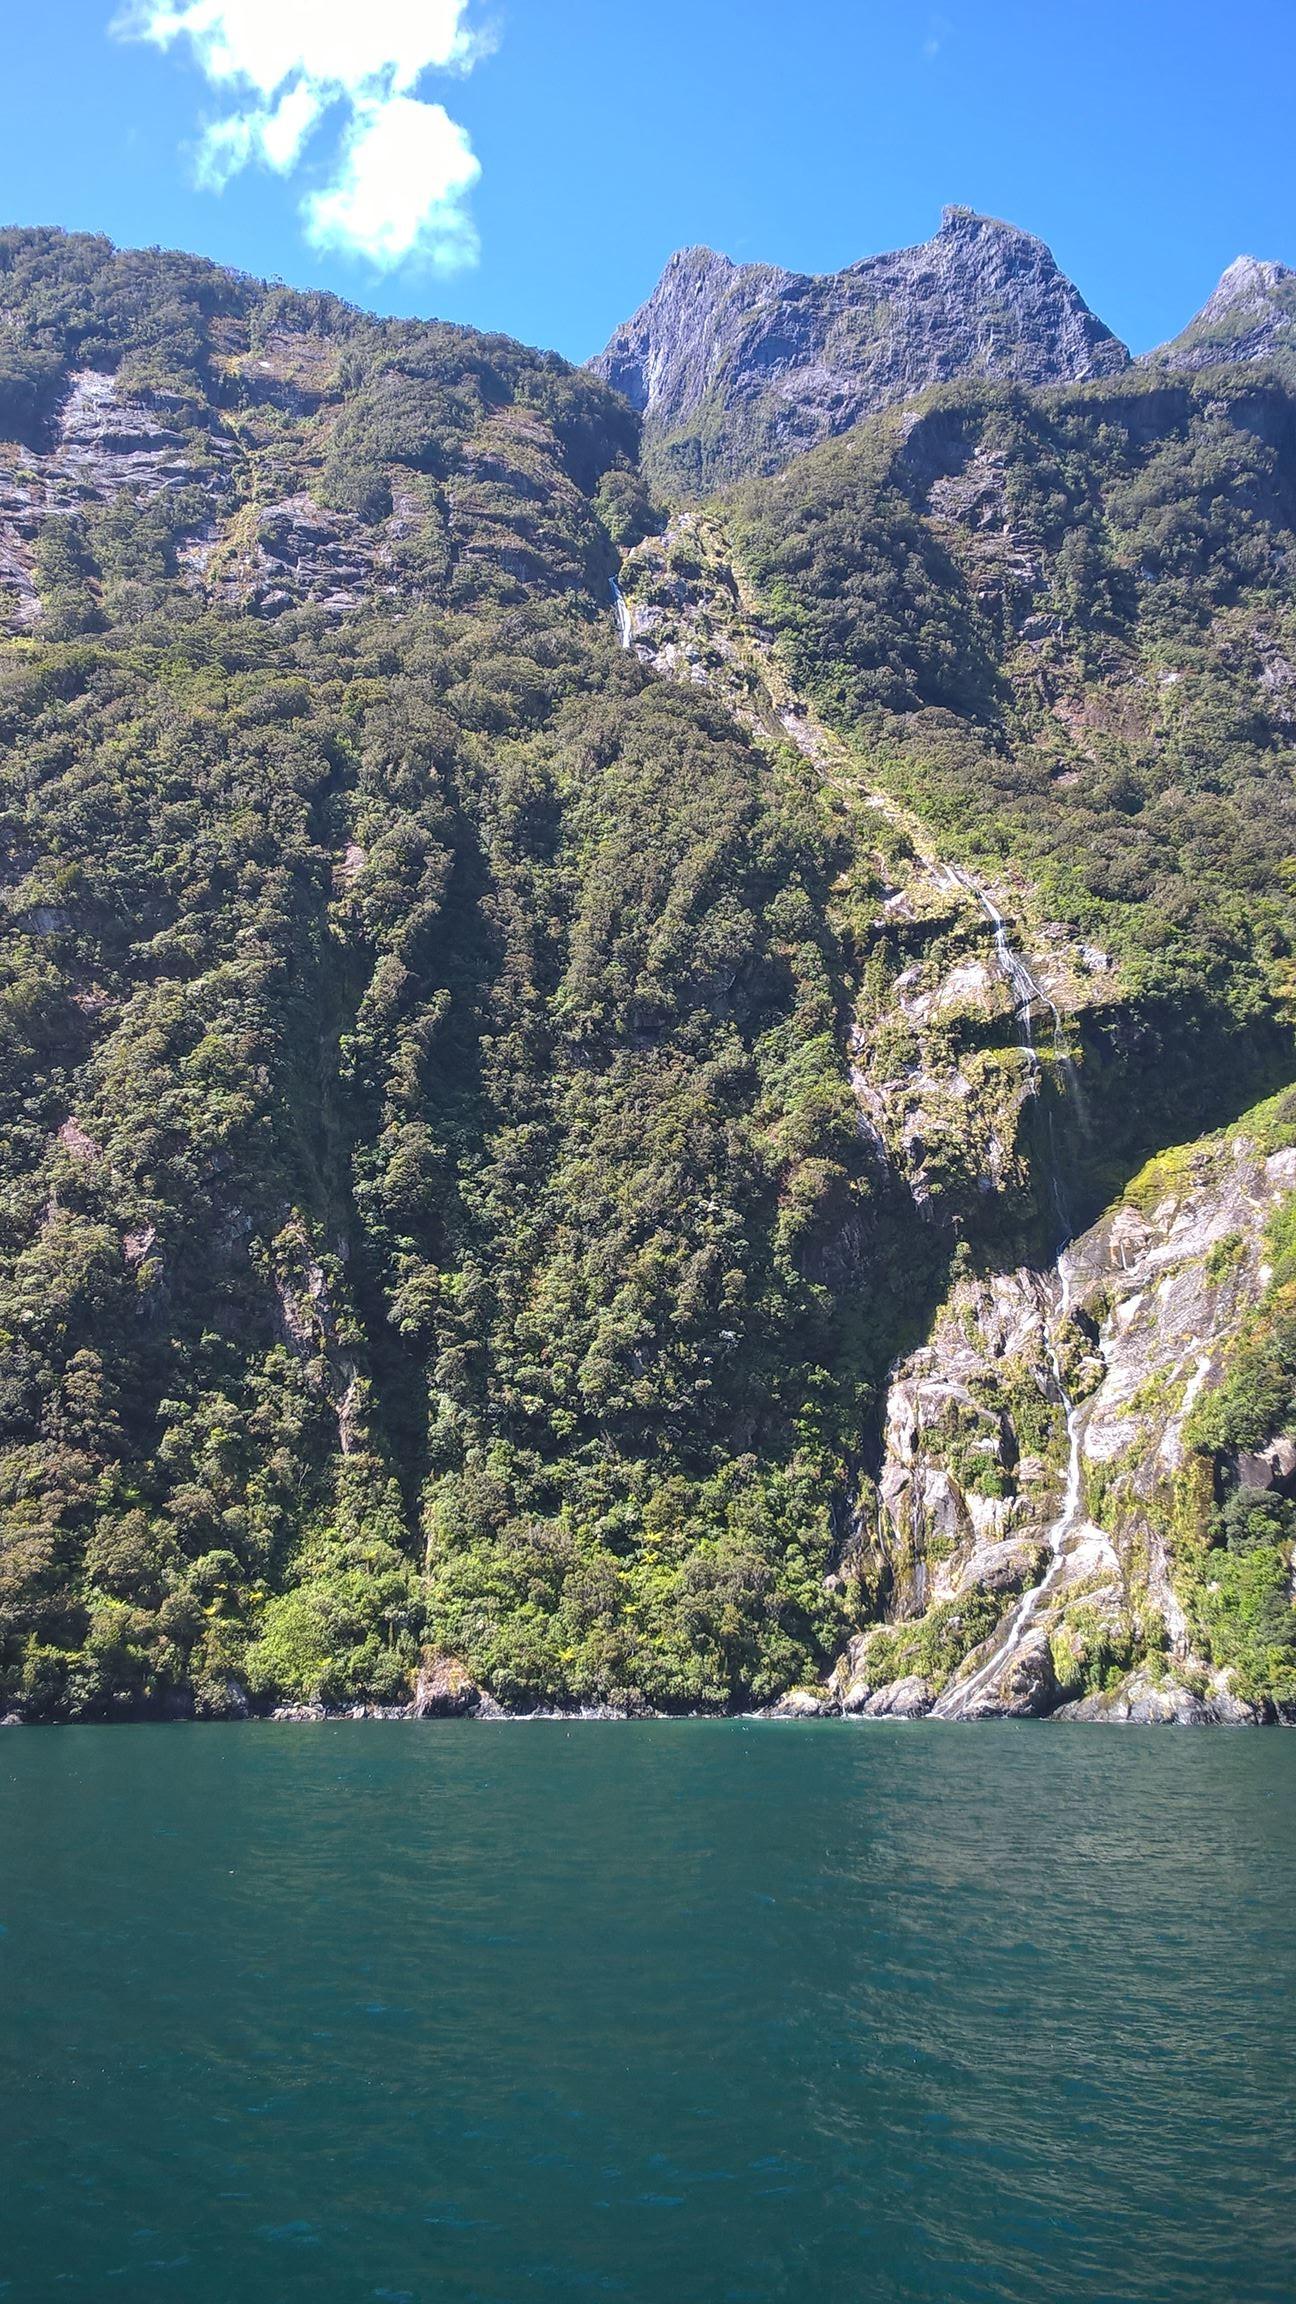 Die Berge erstrecken sich bis ins Wasser